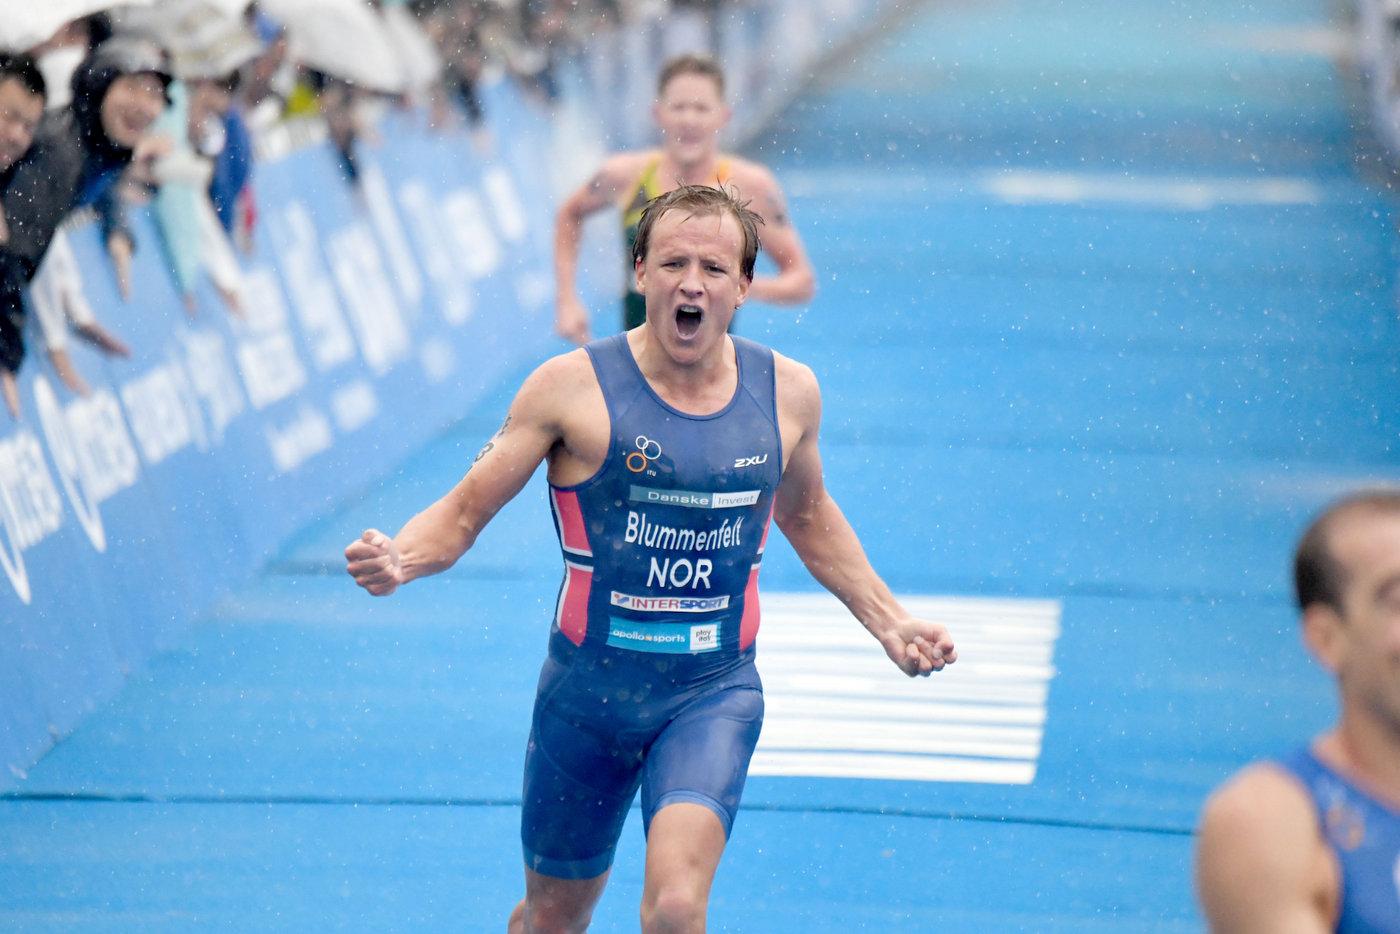 אליפות העולם בטריאתלון באוסטרליה